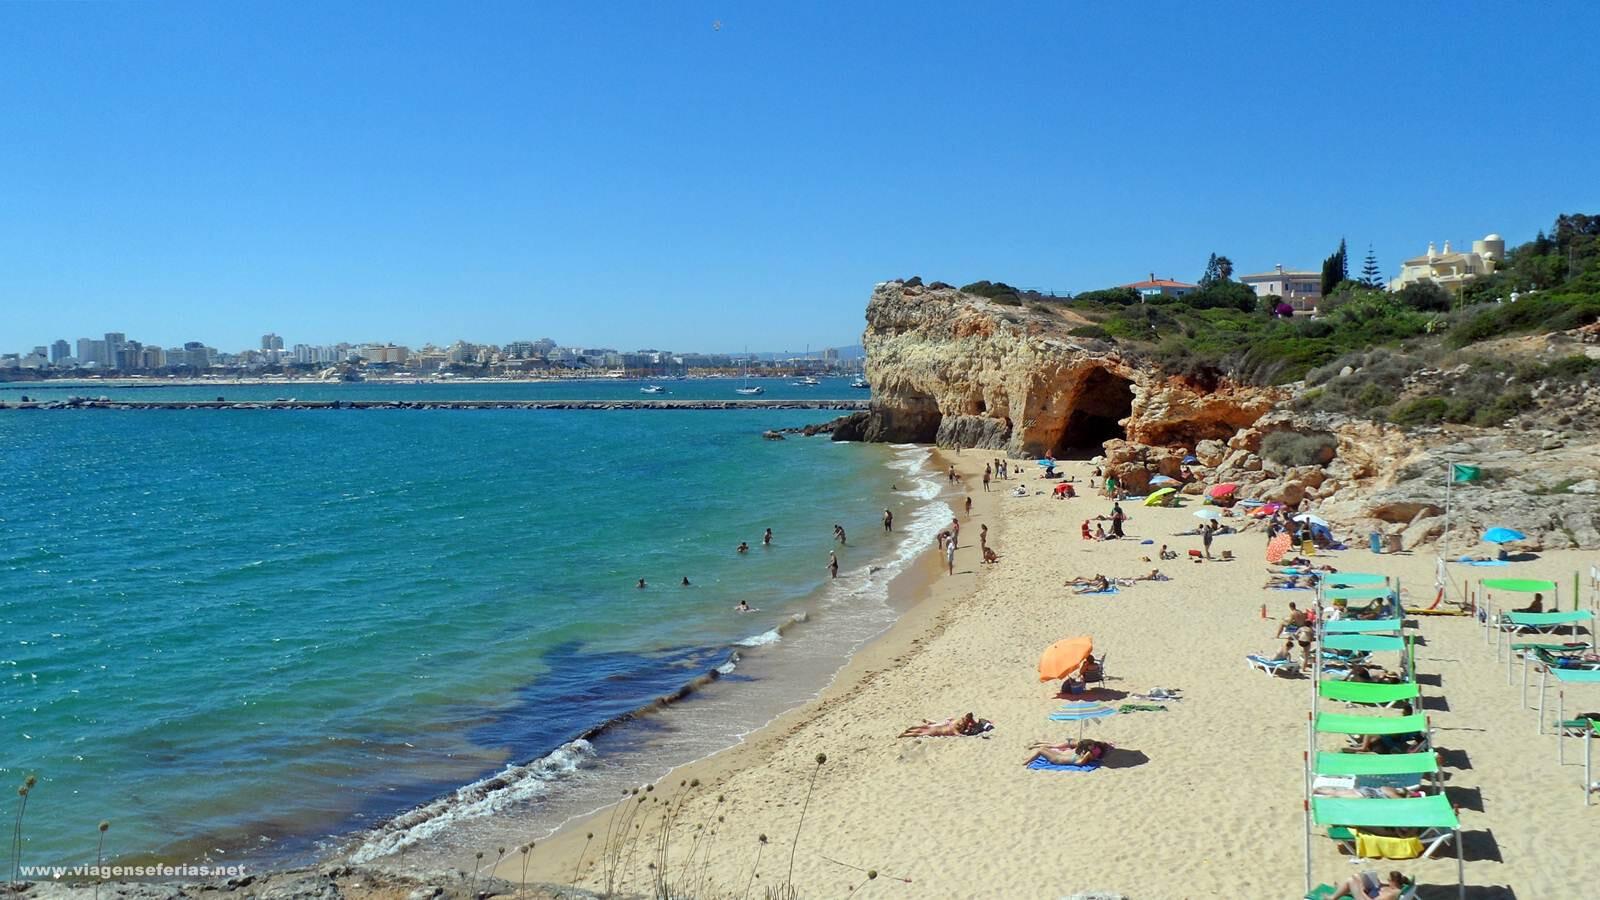 praia-do-pintadinho-praias-com-bandeira-azul-no-algarve